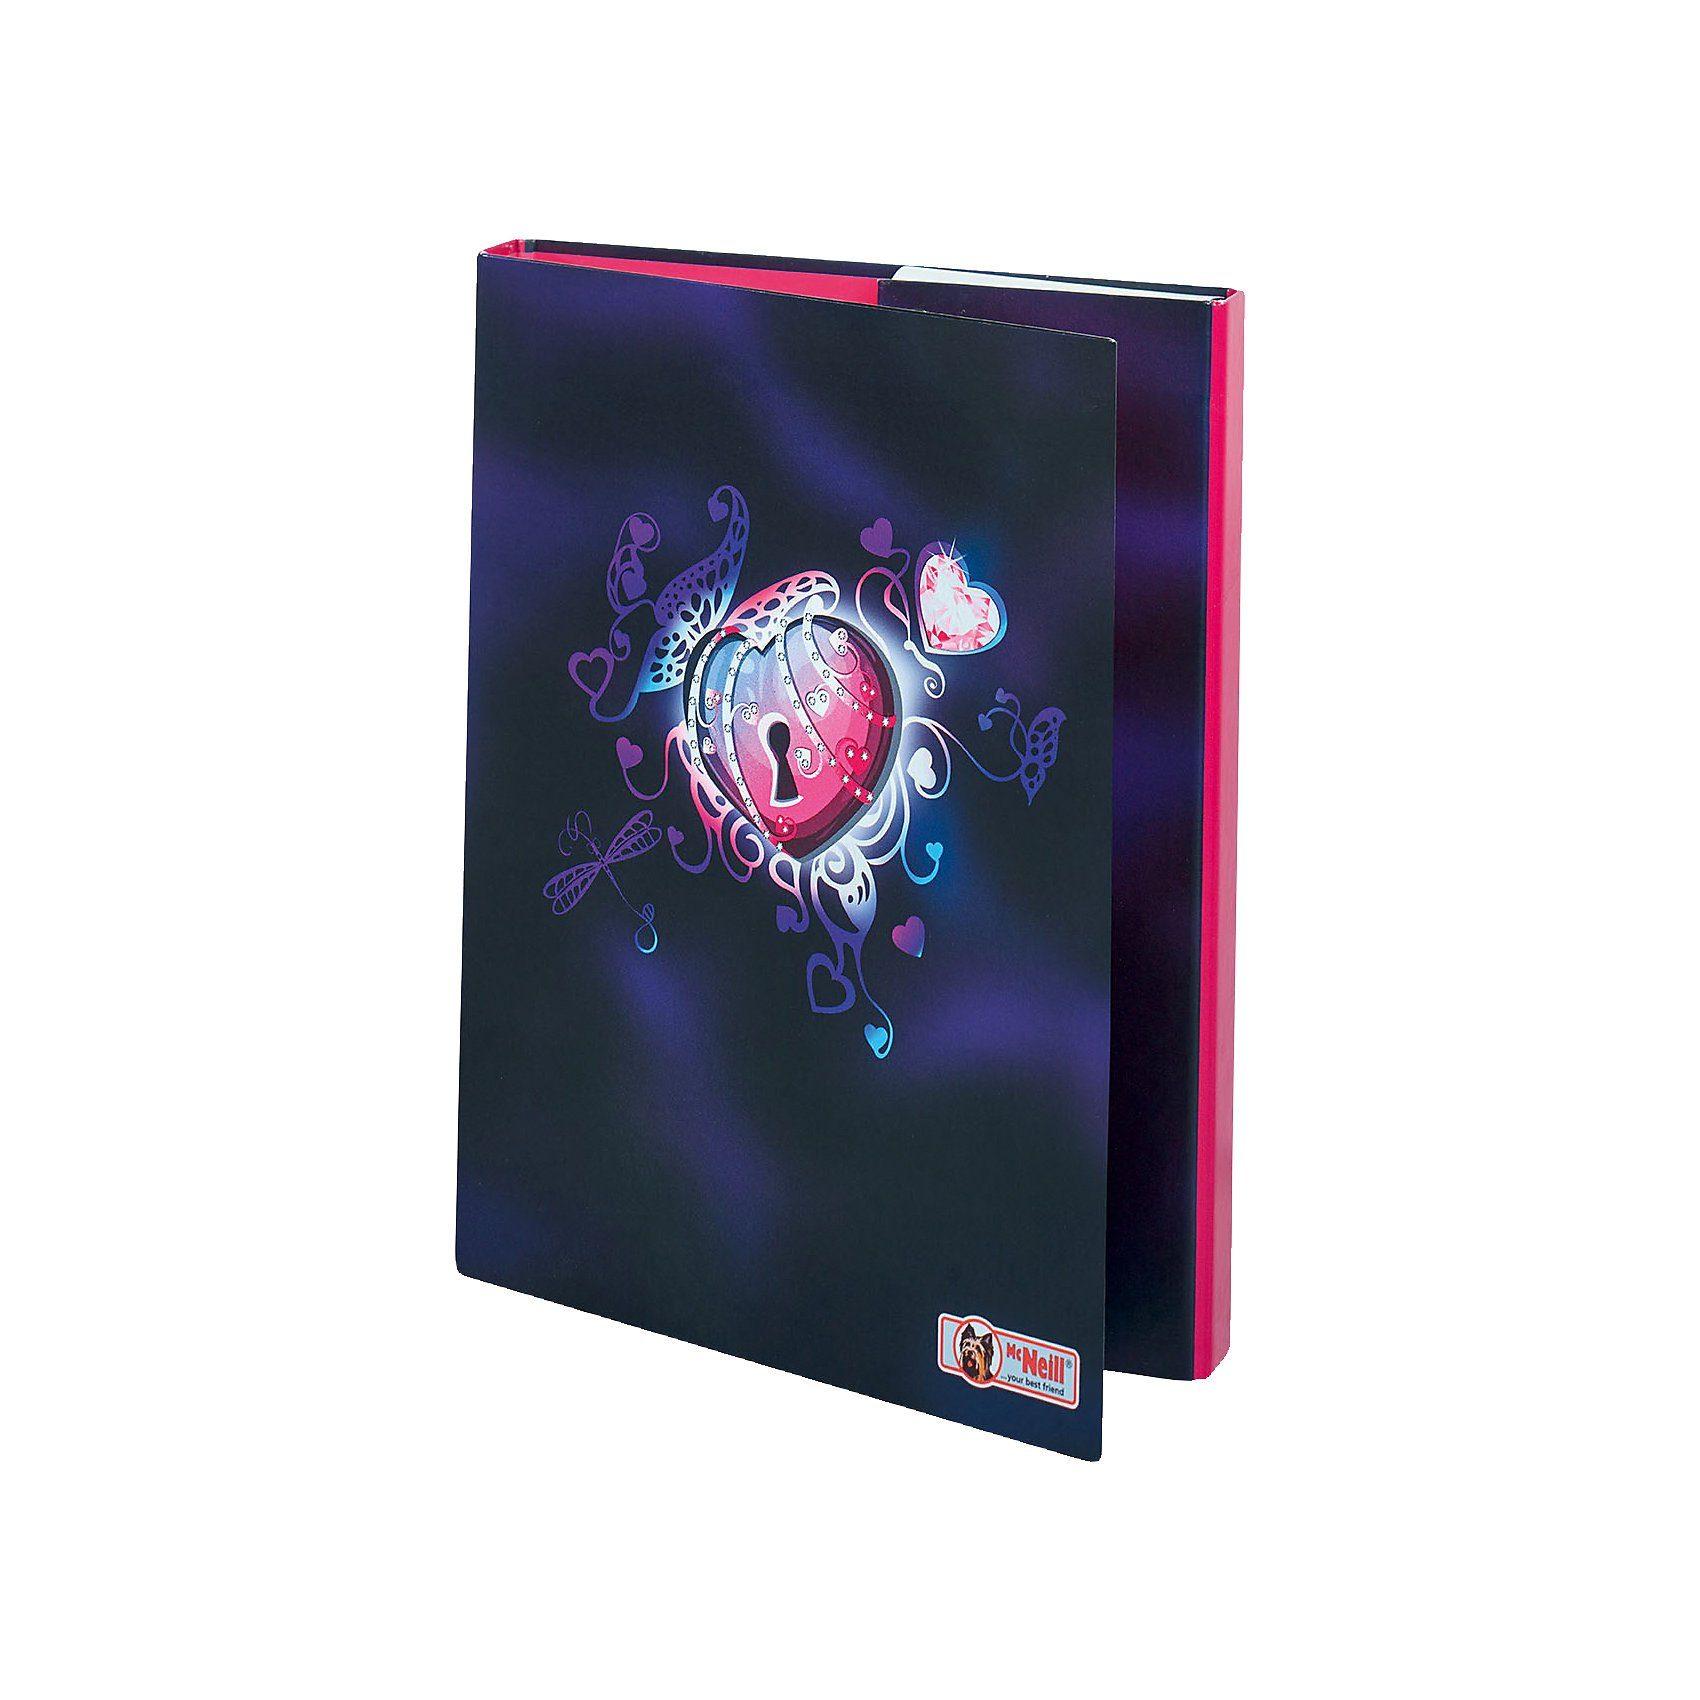 McNeill Heftbox A4 Lovely